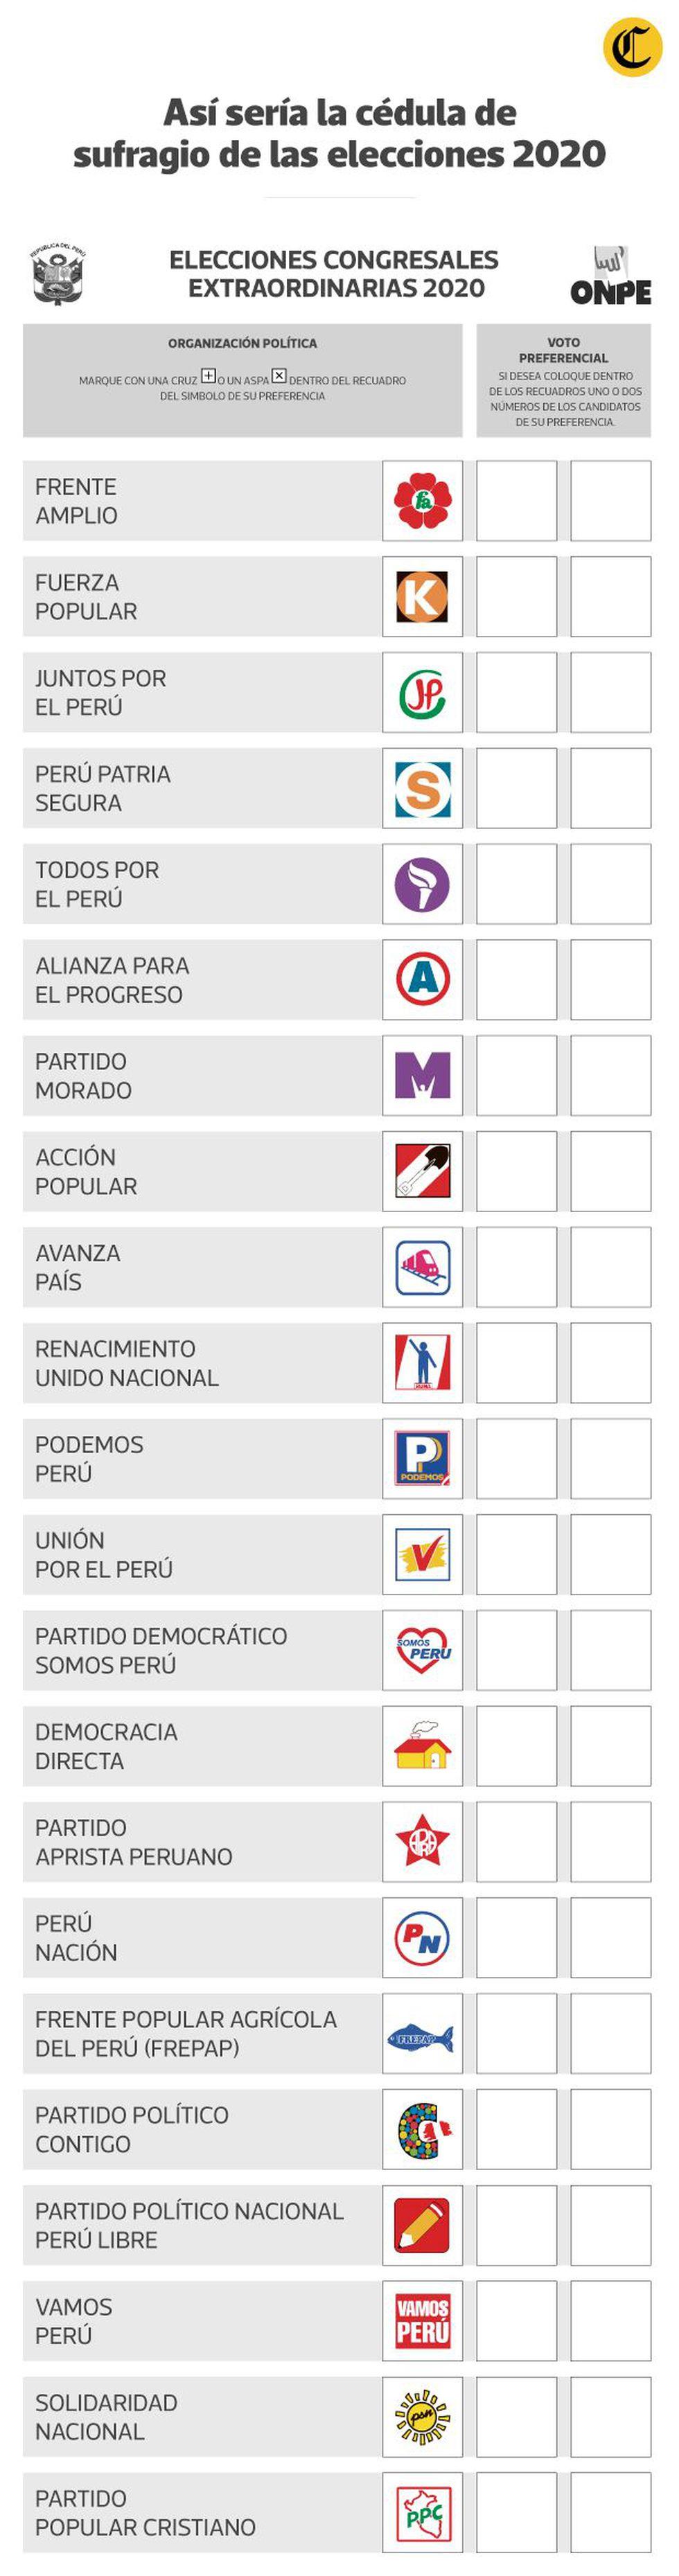 Este ejemplo de cédula de sufragio se trabajó en base al modelo presentado por la ONPE y el sorteo de ubicación de los partidos políticos. (El Comercio)